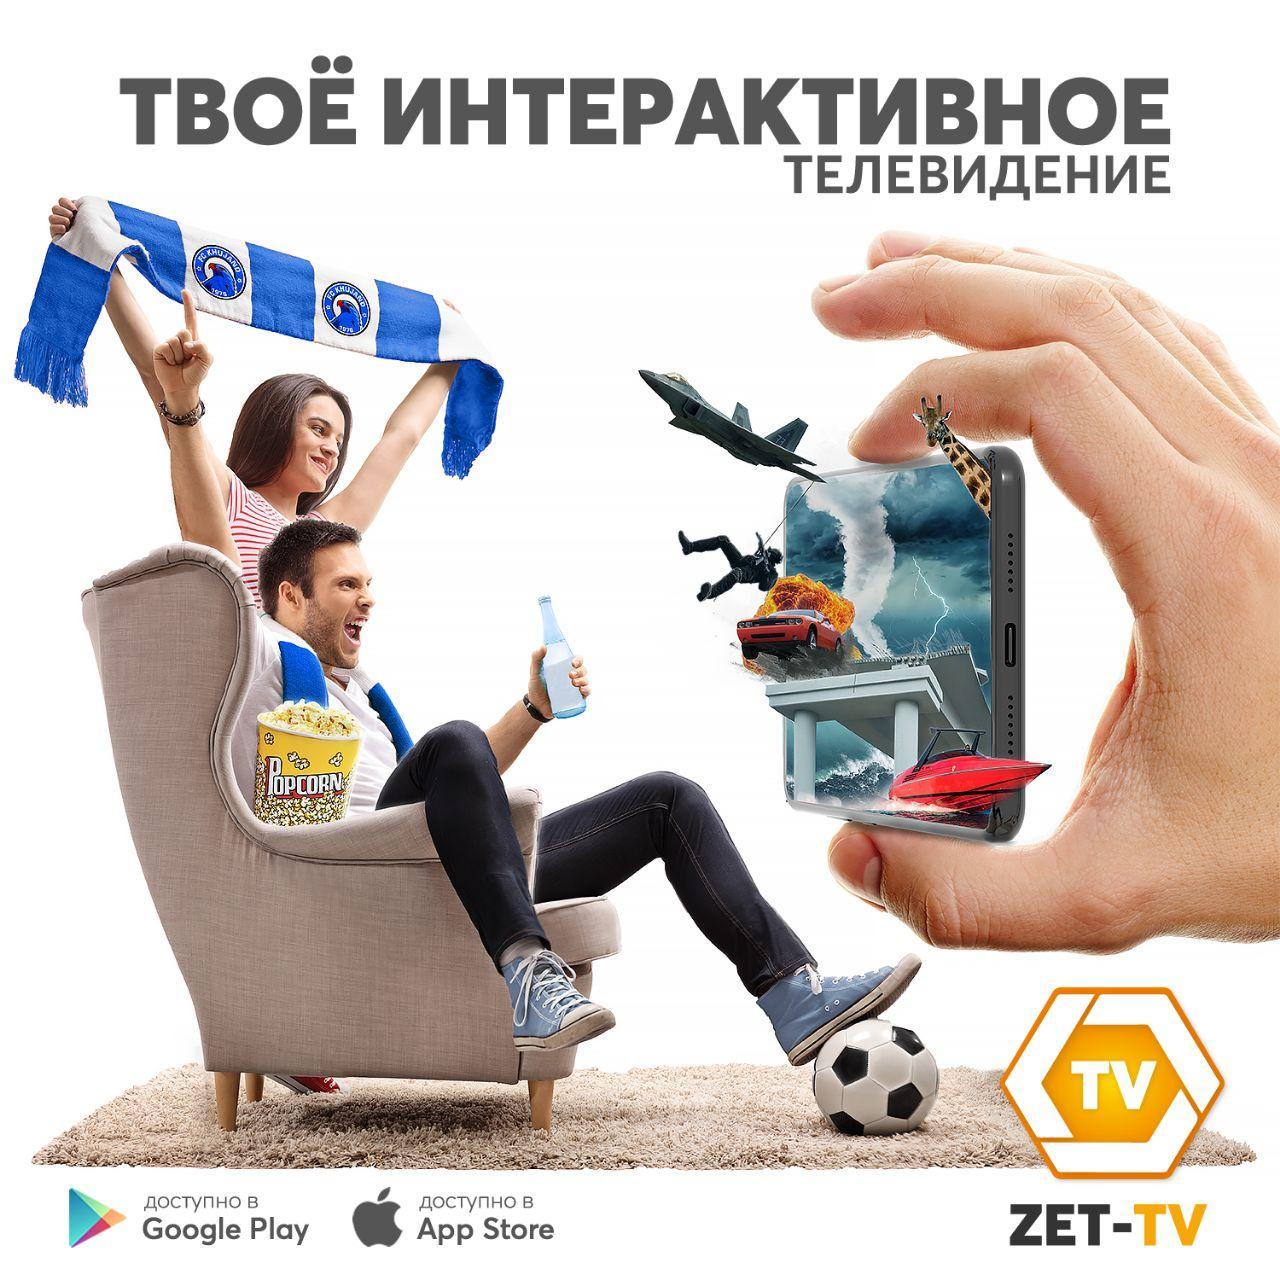 ZET-TV– смотри что хочешь и где хочешь!